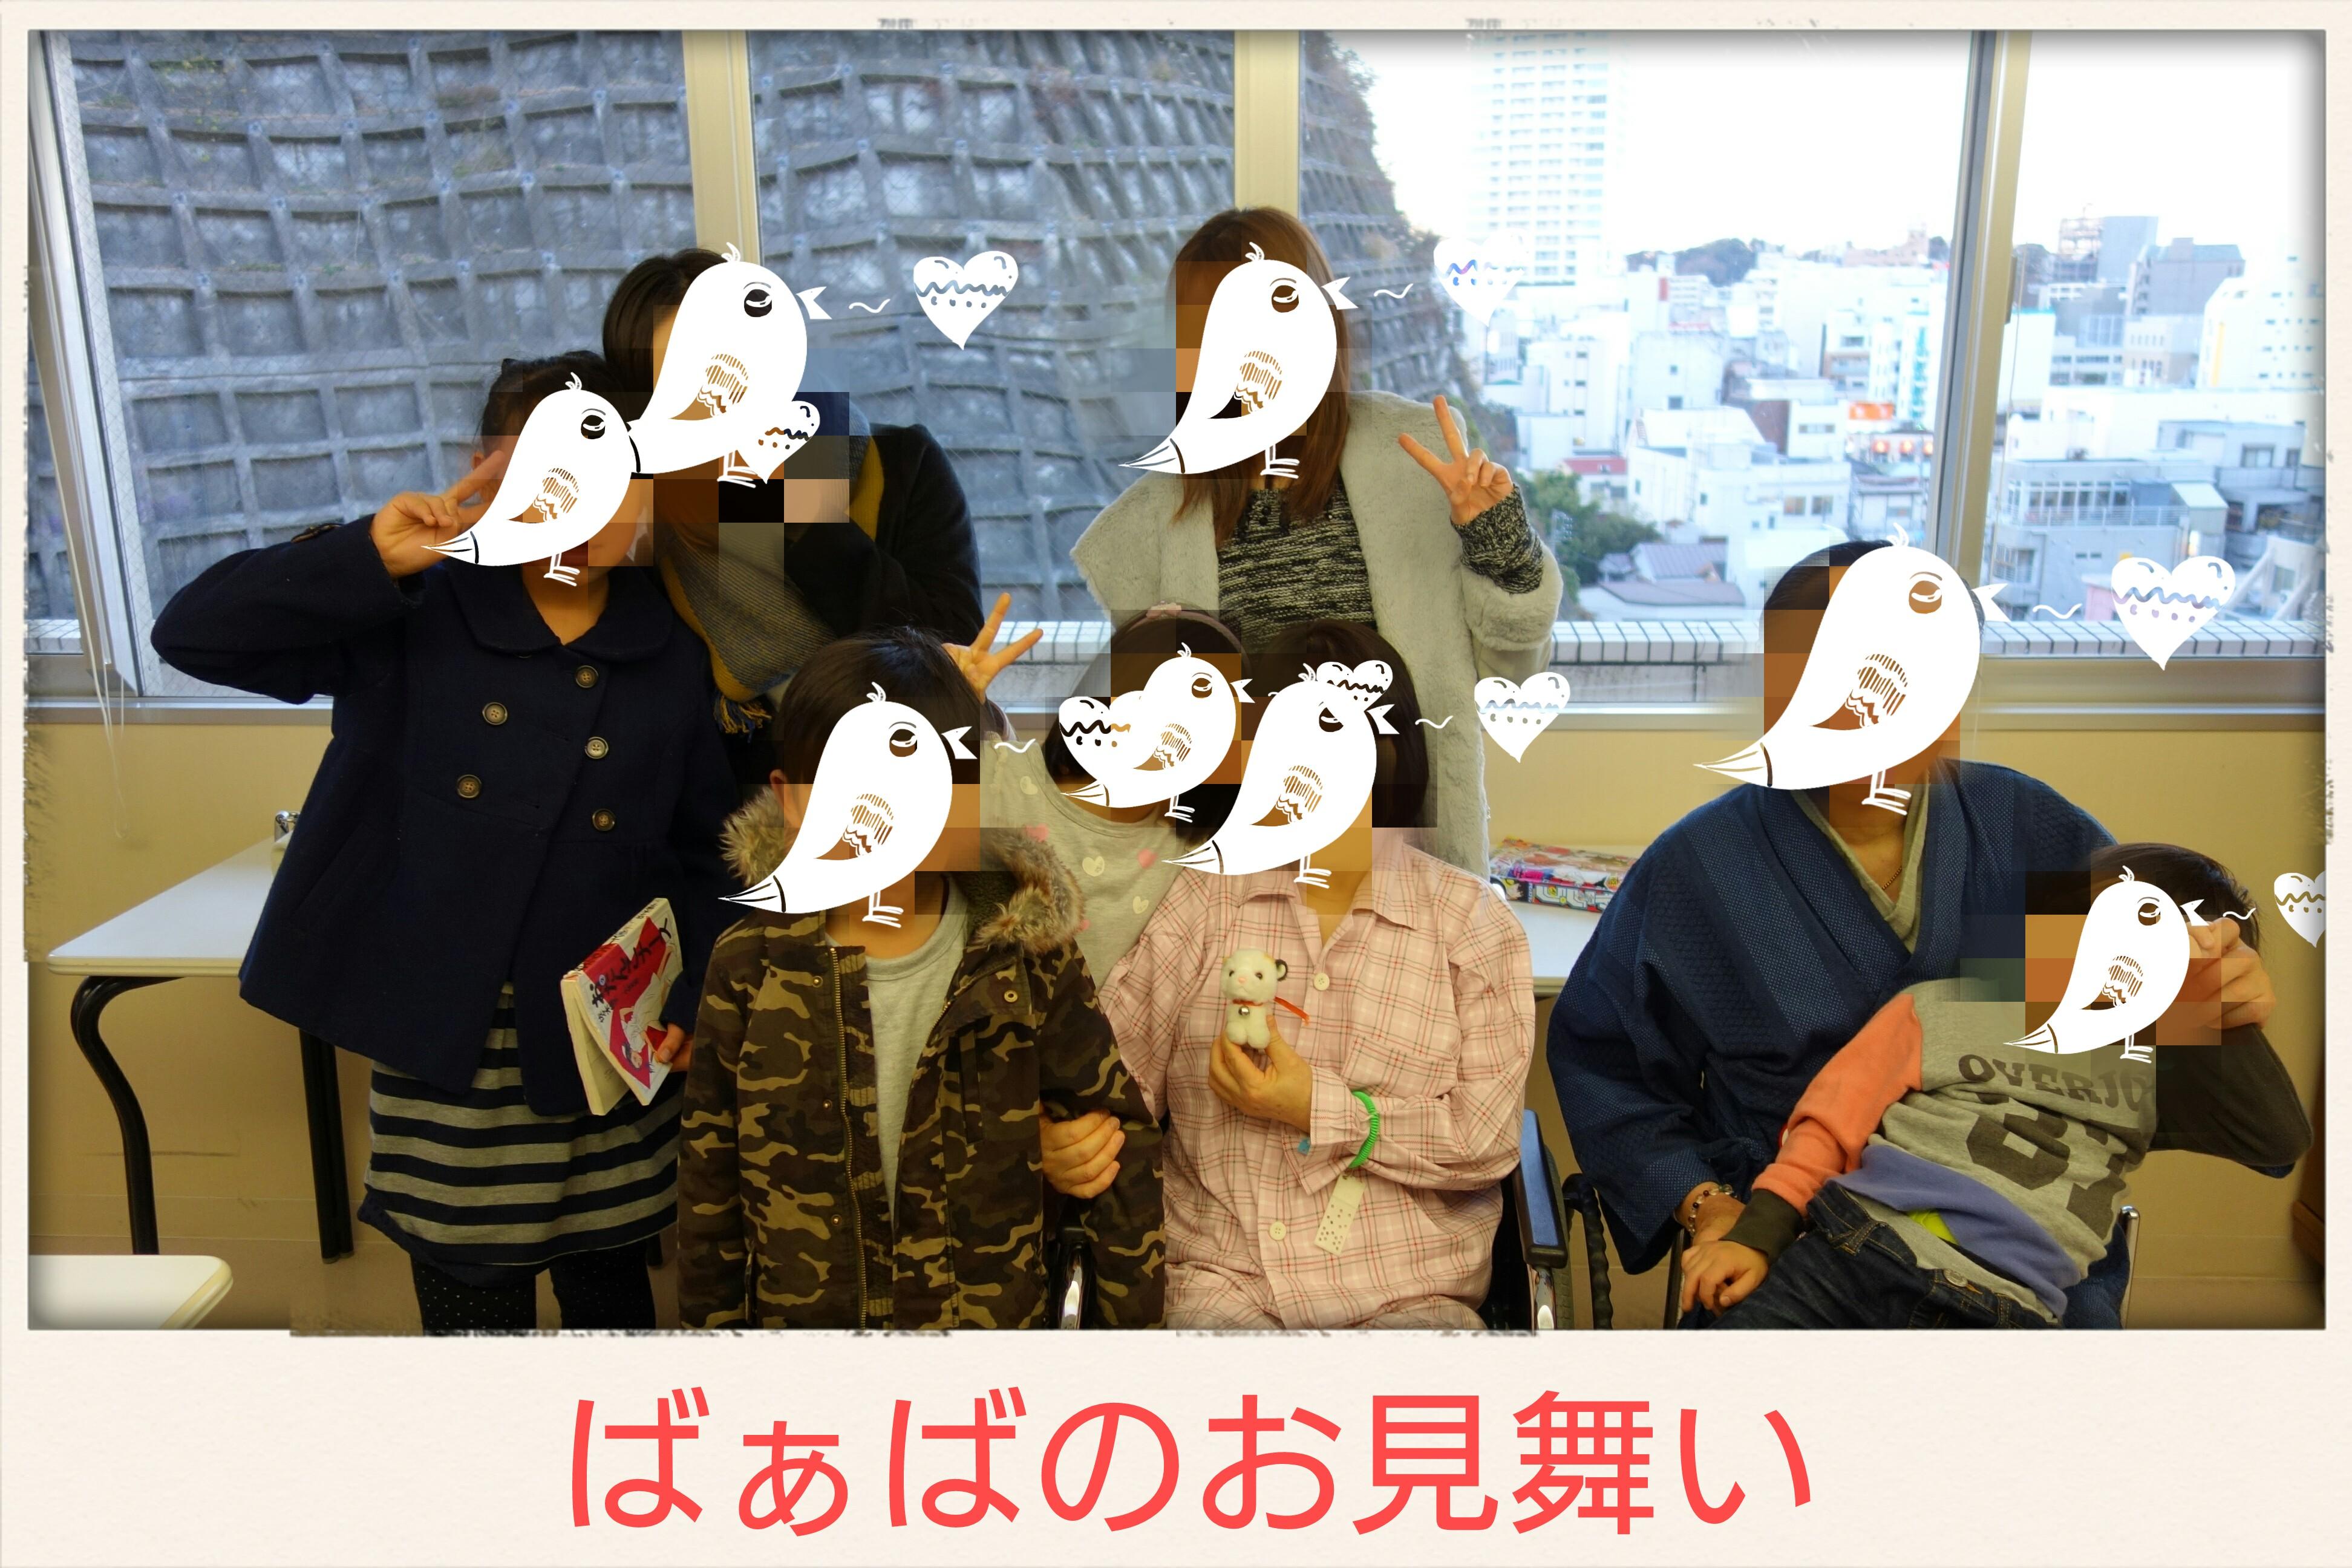 moblog_553d98a1.jpg